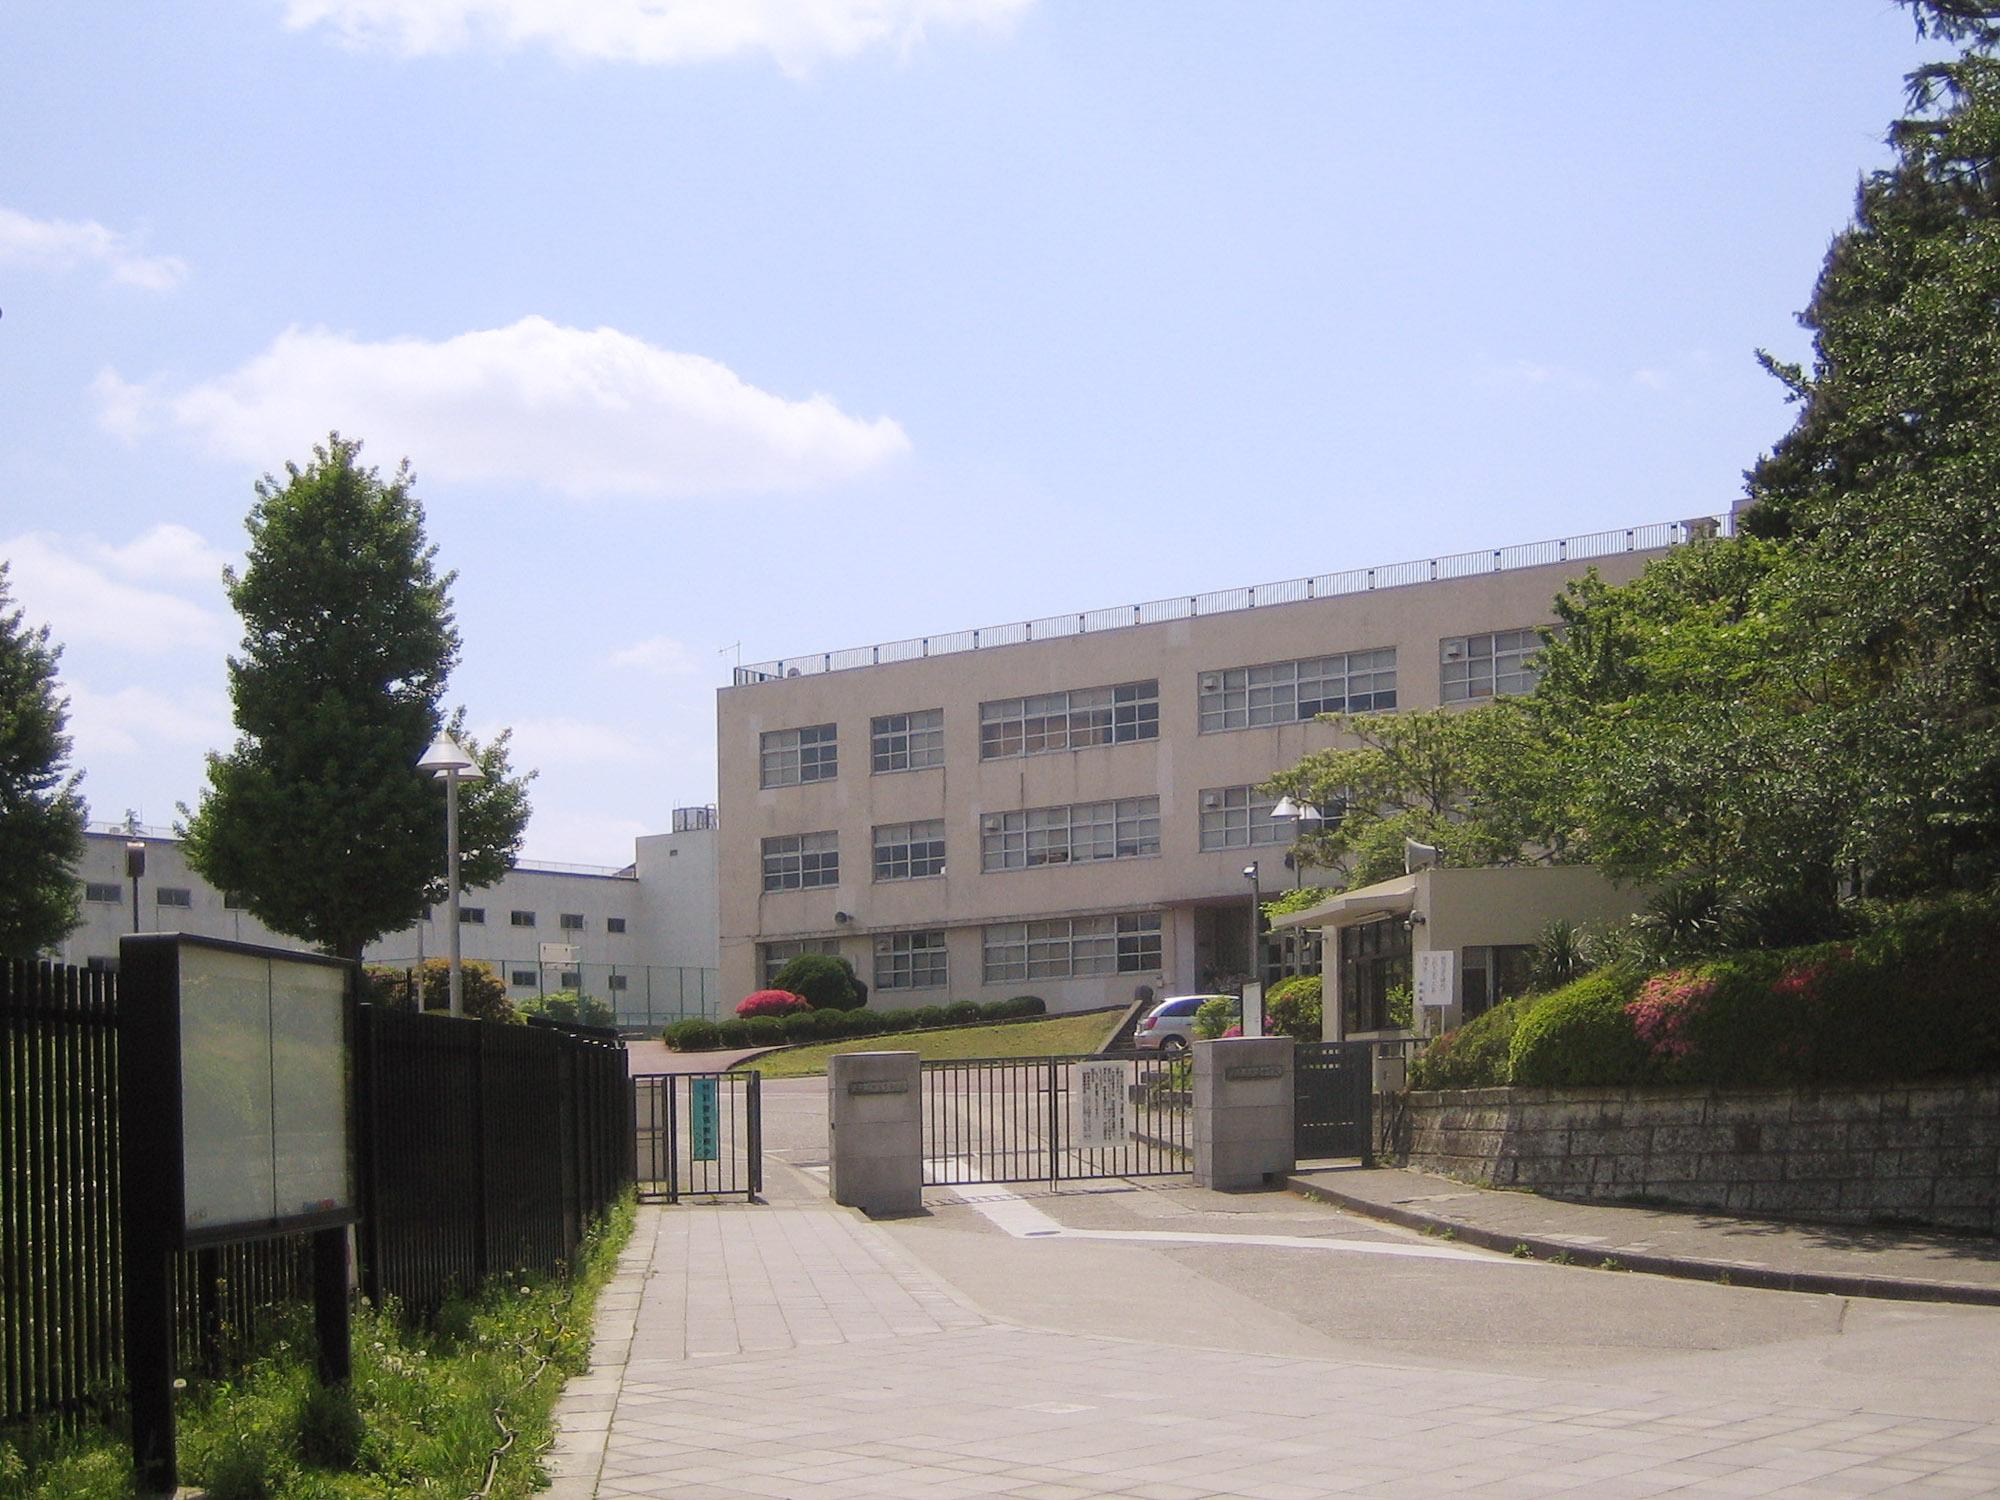 中学校 附属 筑波 大学